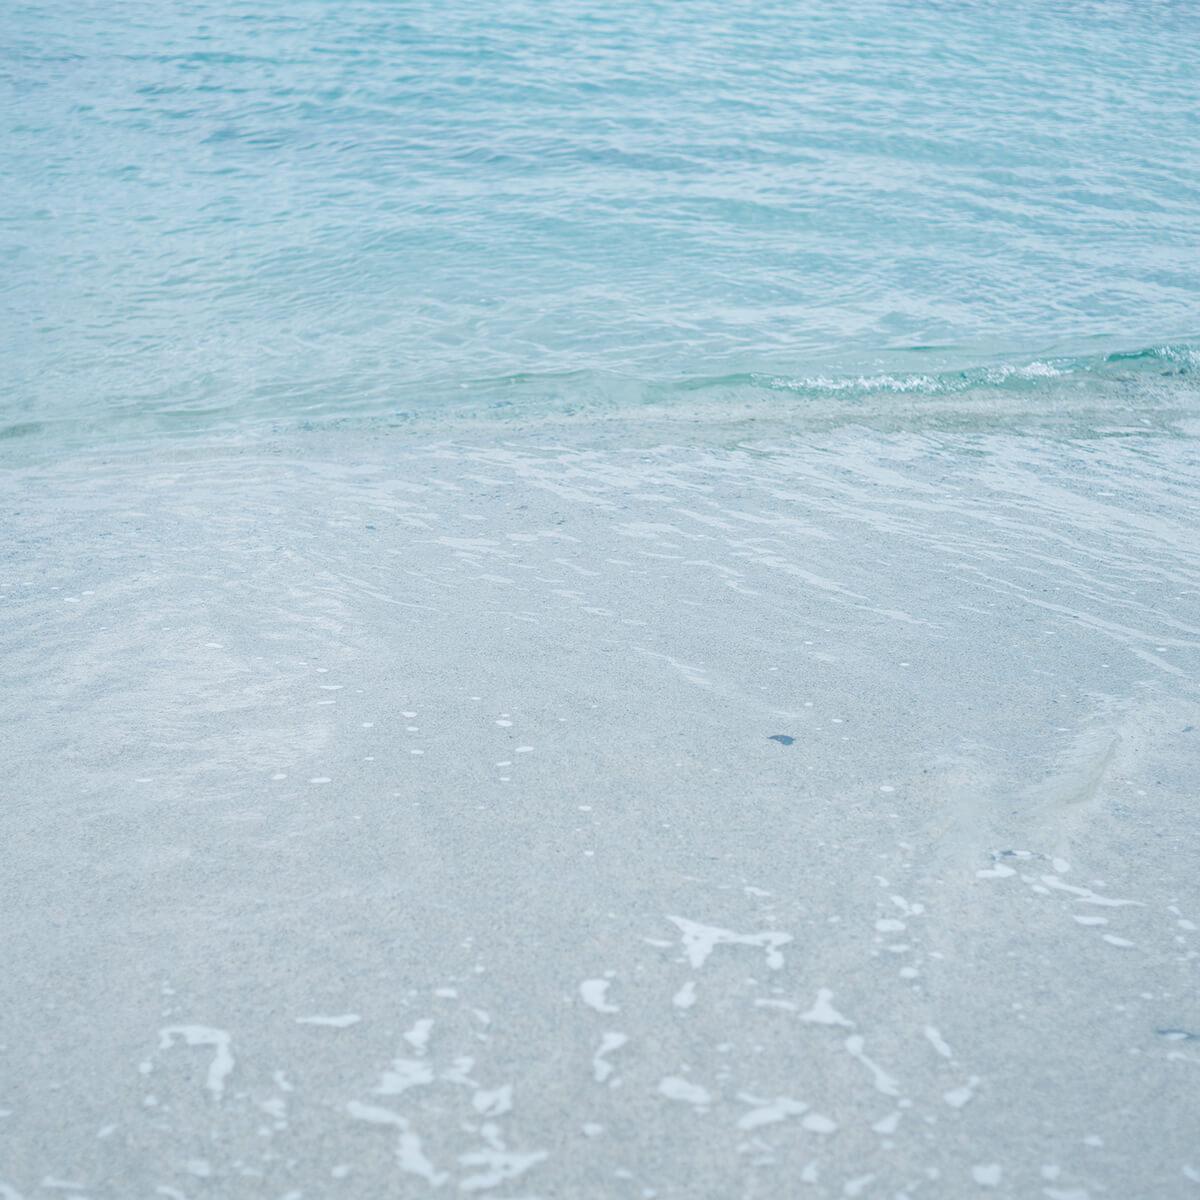 屋久島の海 波打ち際 屋久島海とジュエリー オーダーメイドマリッジリングのインスピレーション